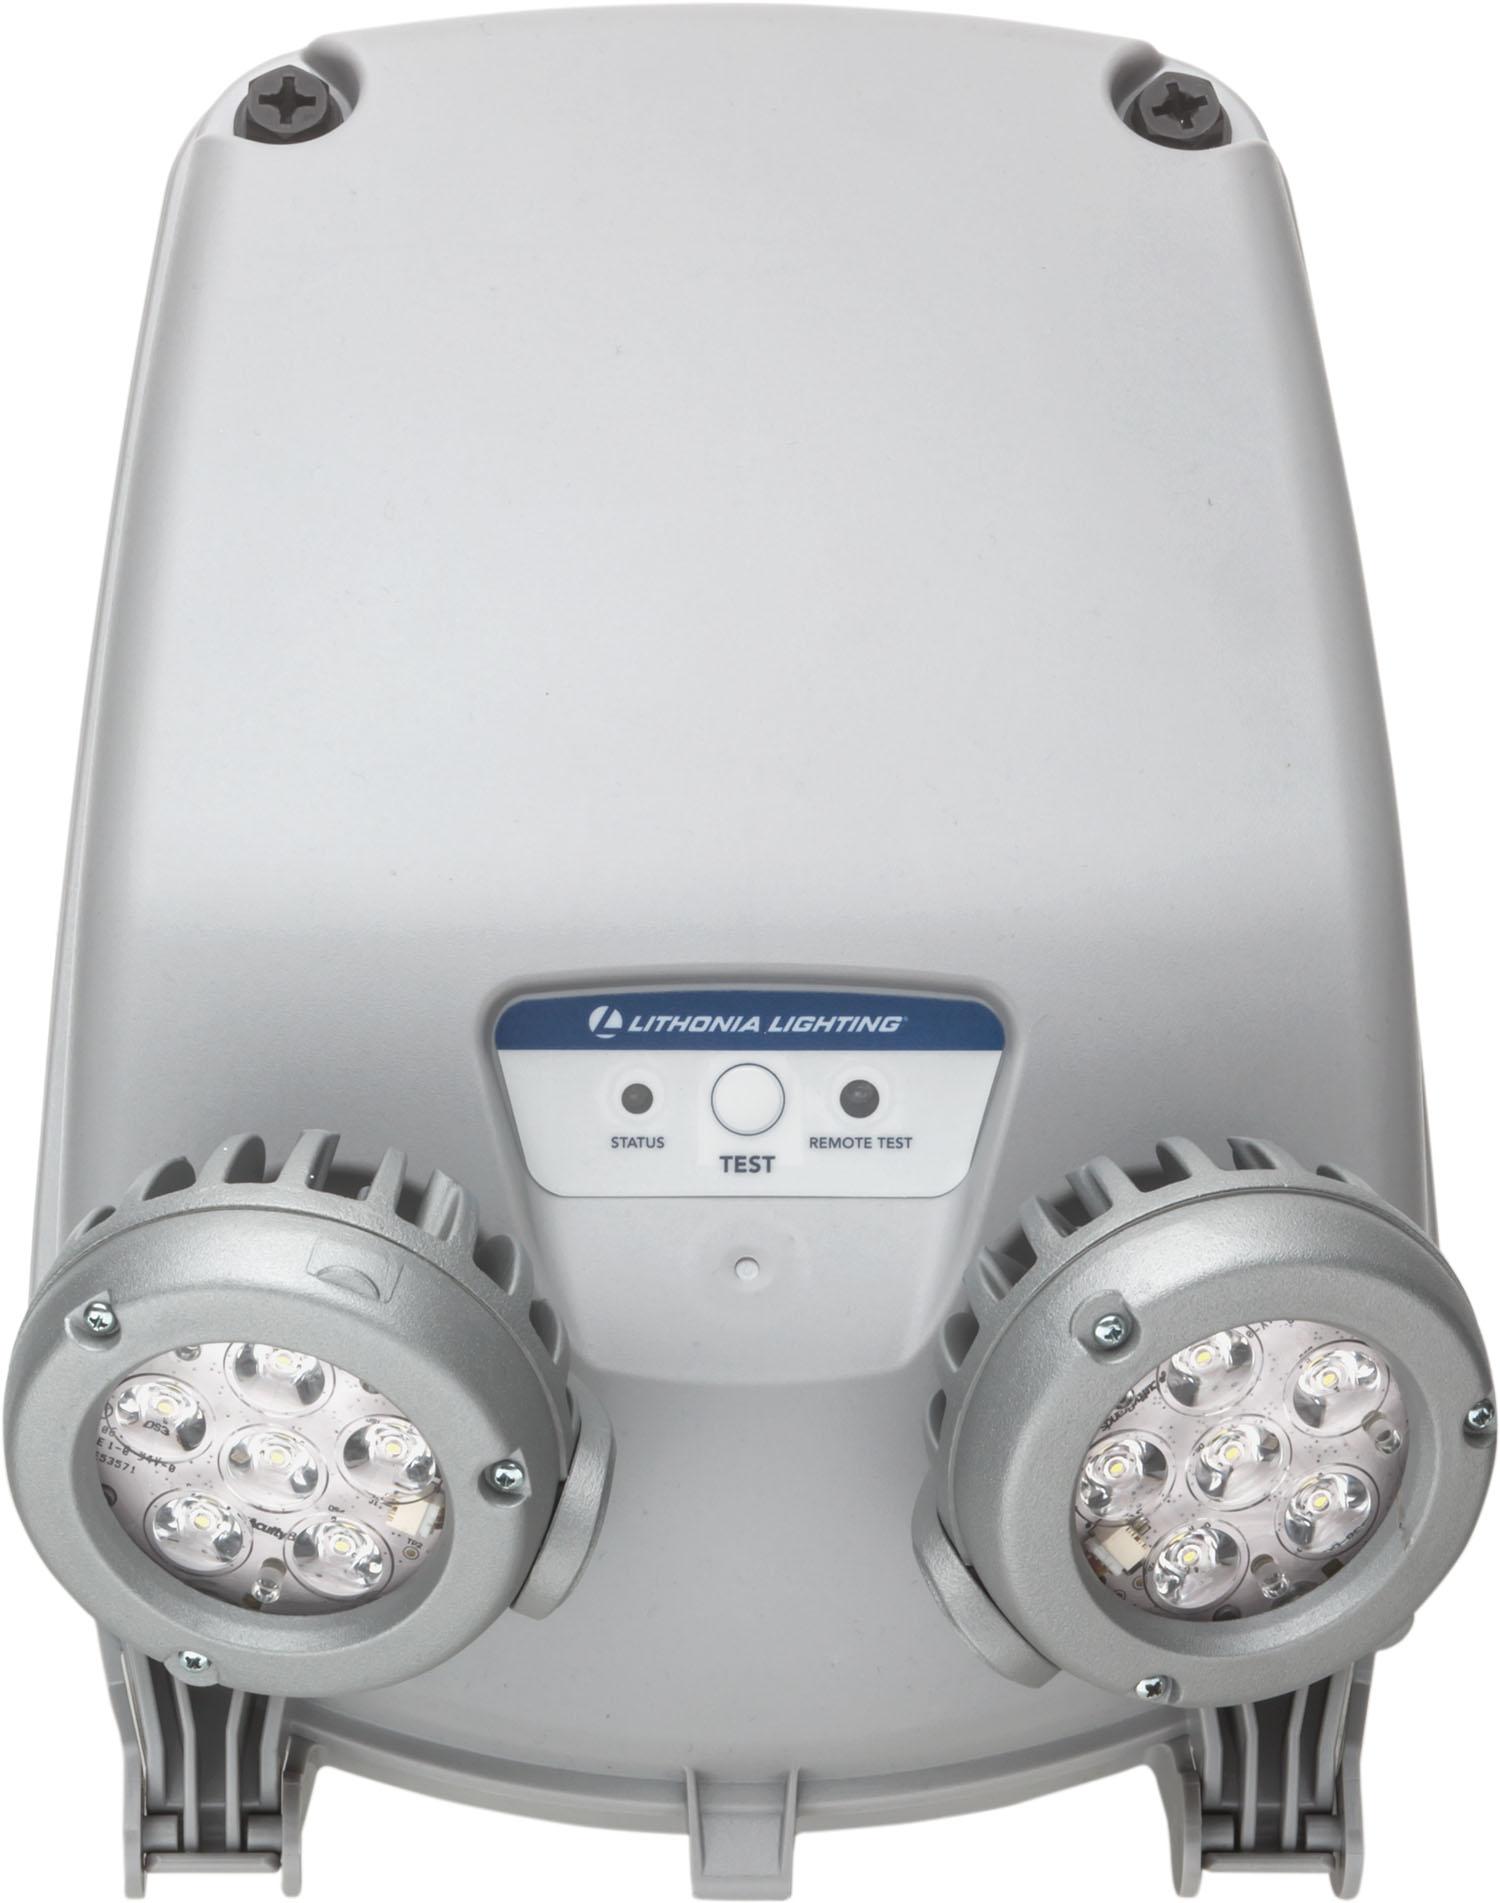 INDL SP2200L UVOLT LTP SDRT_004.jpg